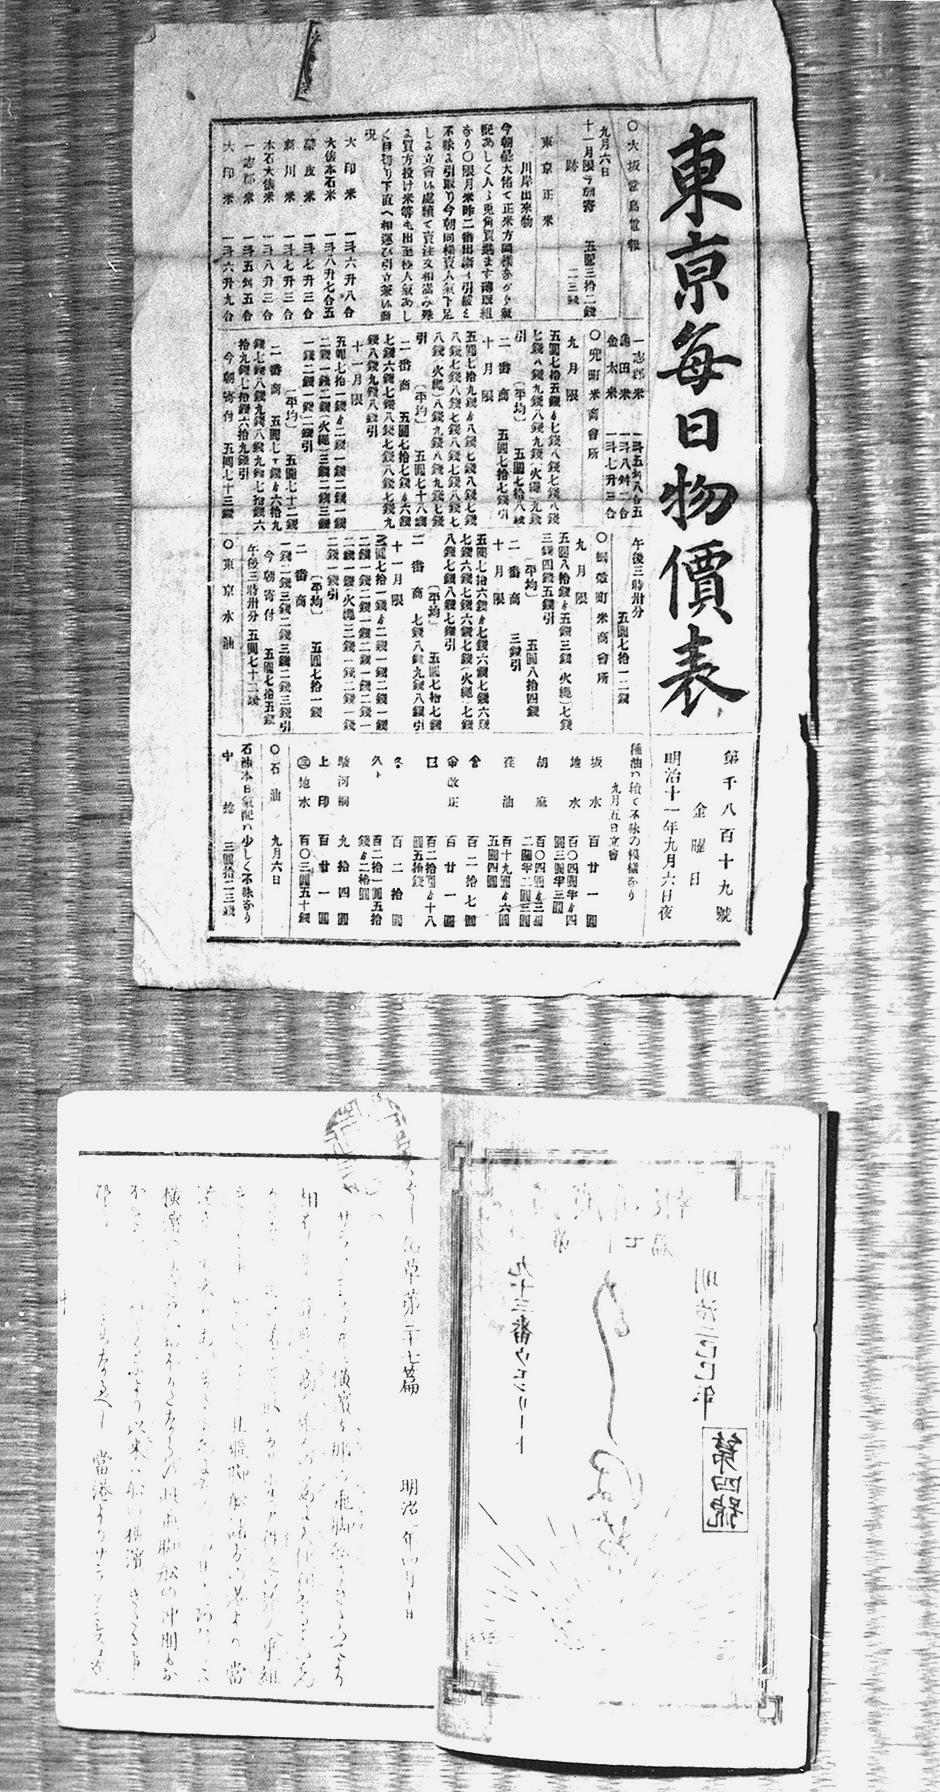 東京毎日物価表と報知新聞